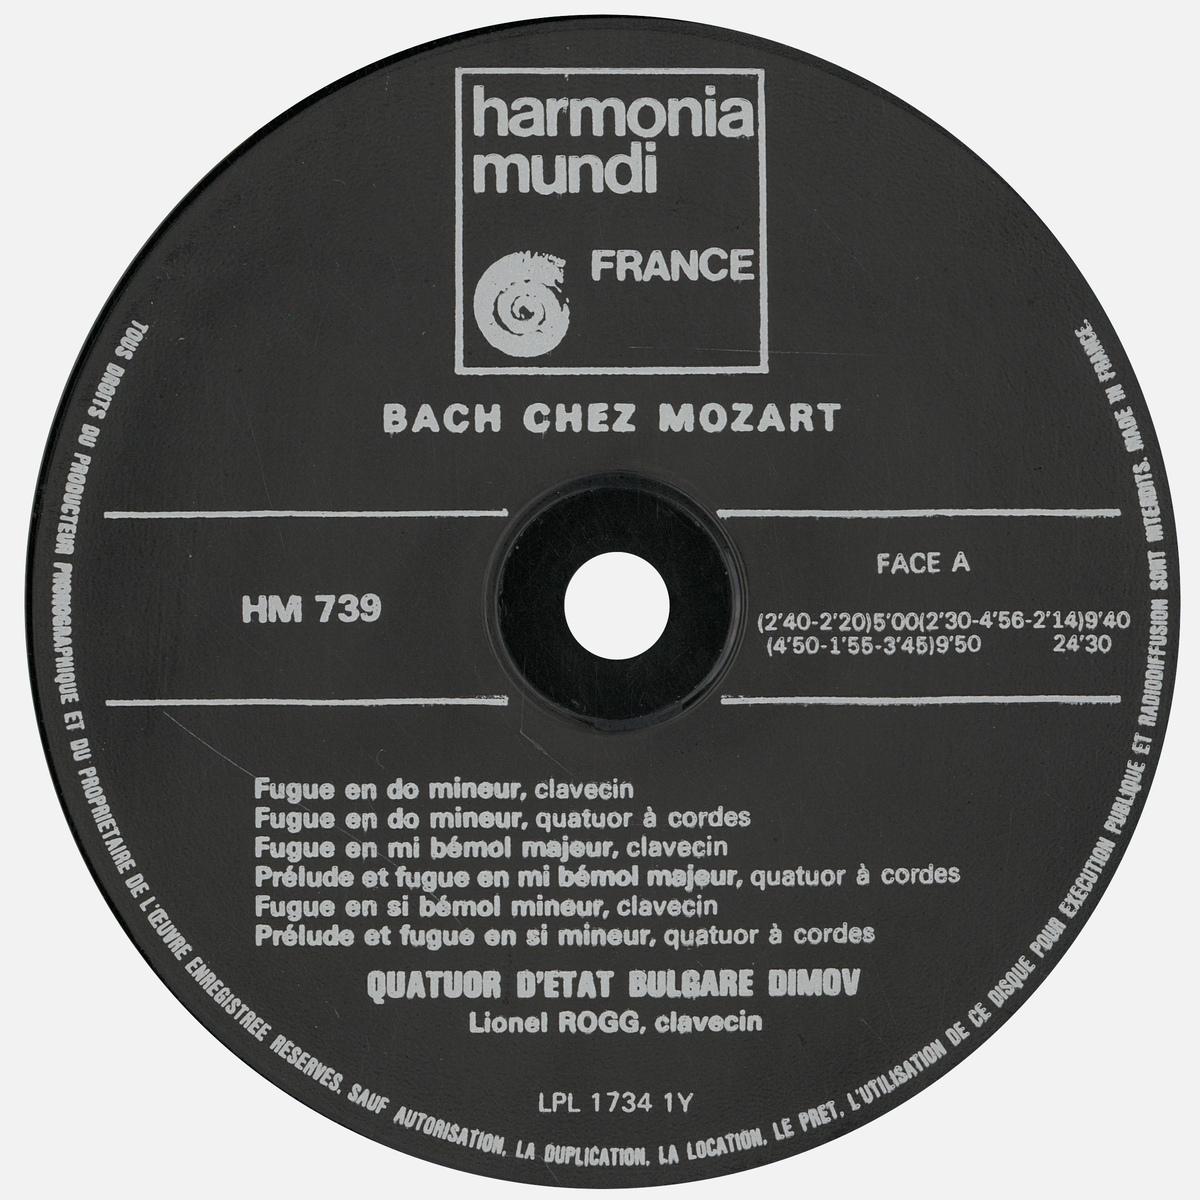 Étiquette recto du disque Harmonia Mundi HM 739, Cliquer sur la photo pour une vue agrandie